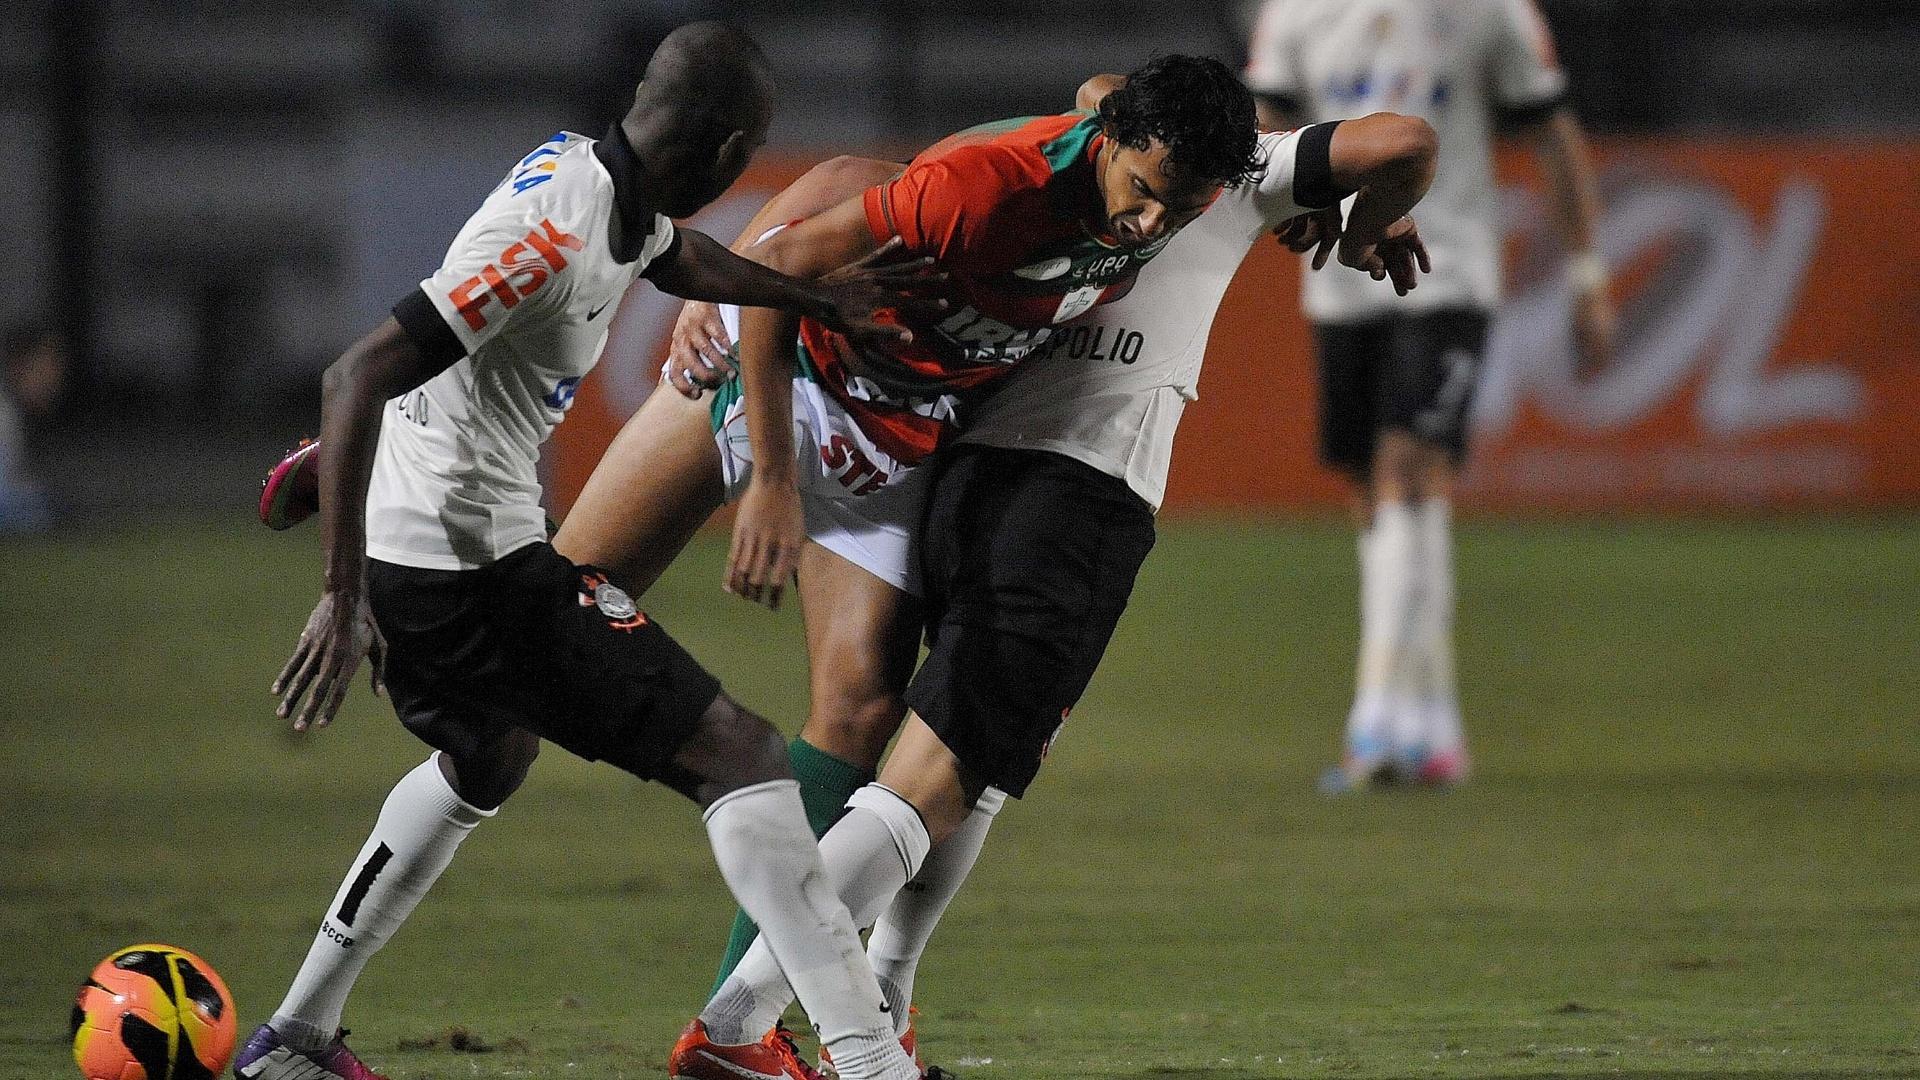 08.jun.2013 - Diogo, atacante da Portuguesa, tenta se livrar de defensores do Corinthians durante jogo pelo Campeonato Brasileiro